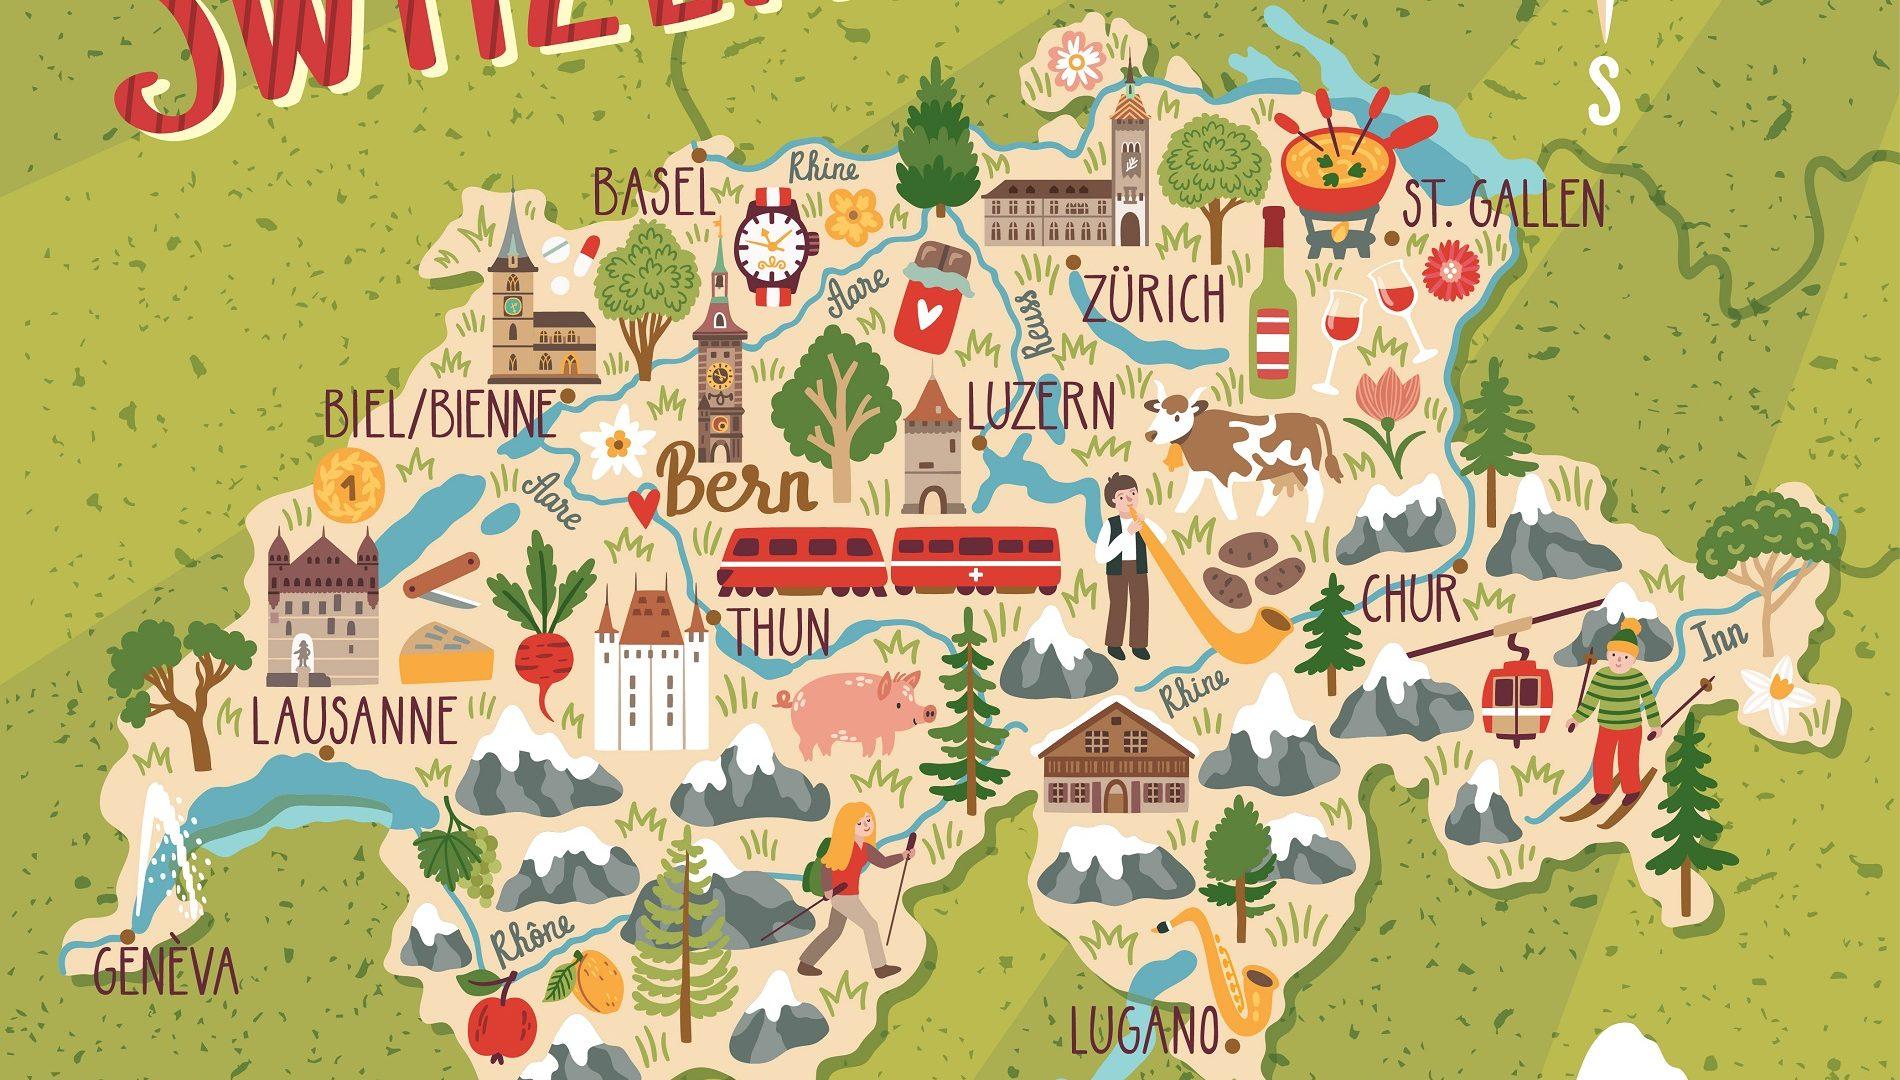 Cartina Cantoni Della Svizzera.Vivere In Svizzera Guida Completa E Consigli Utili